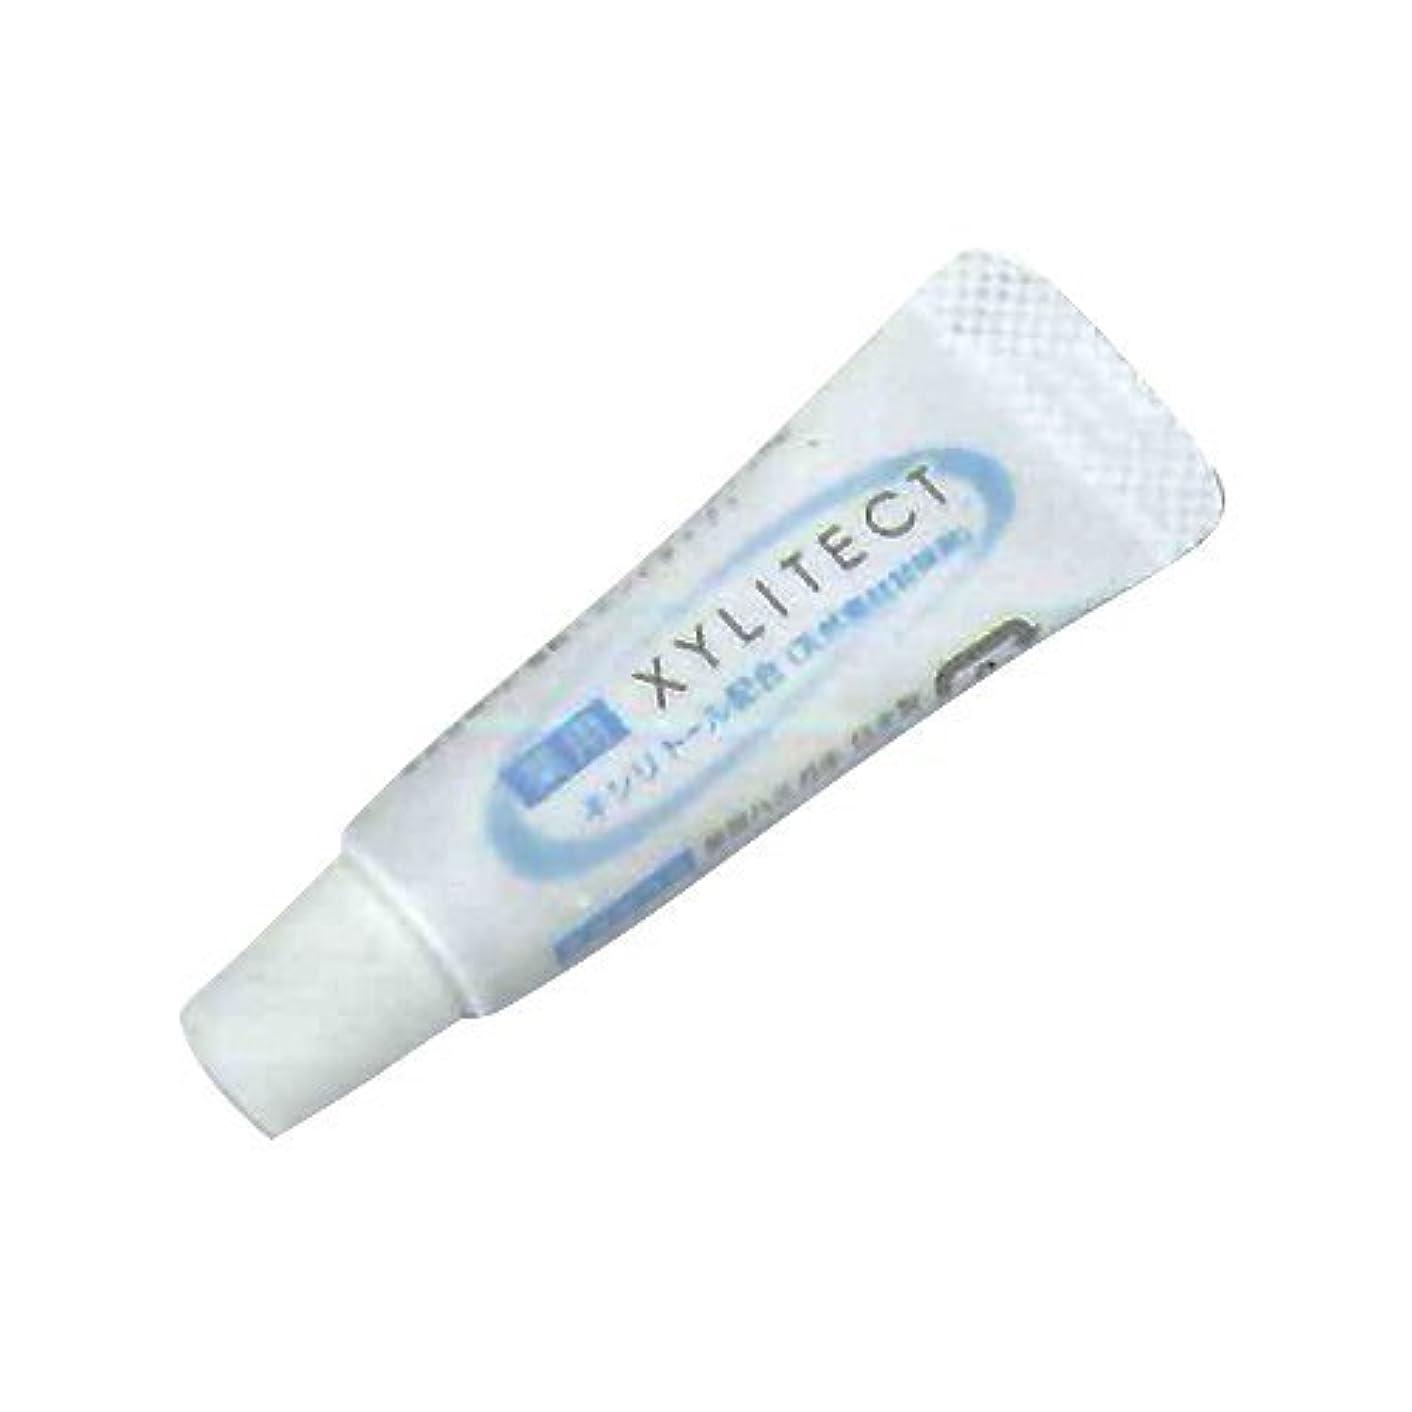 月切り離す推論業務用歯磨き粉 薬用キシリテクト (XYLITECT) 4.5g ×10個セット (個包装タイプ) | ホテルアメニティ ハミガキ toothpaste